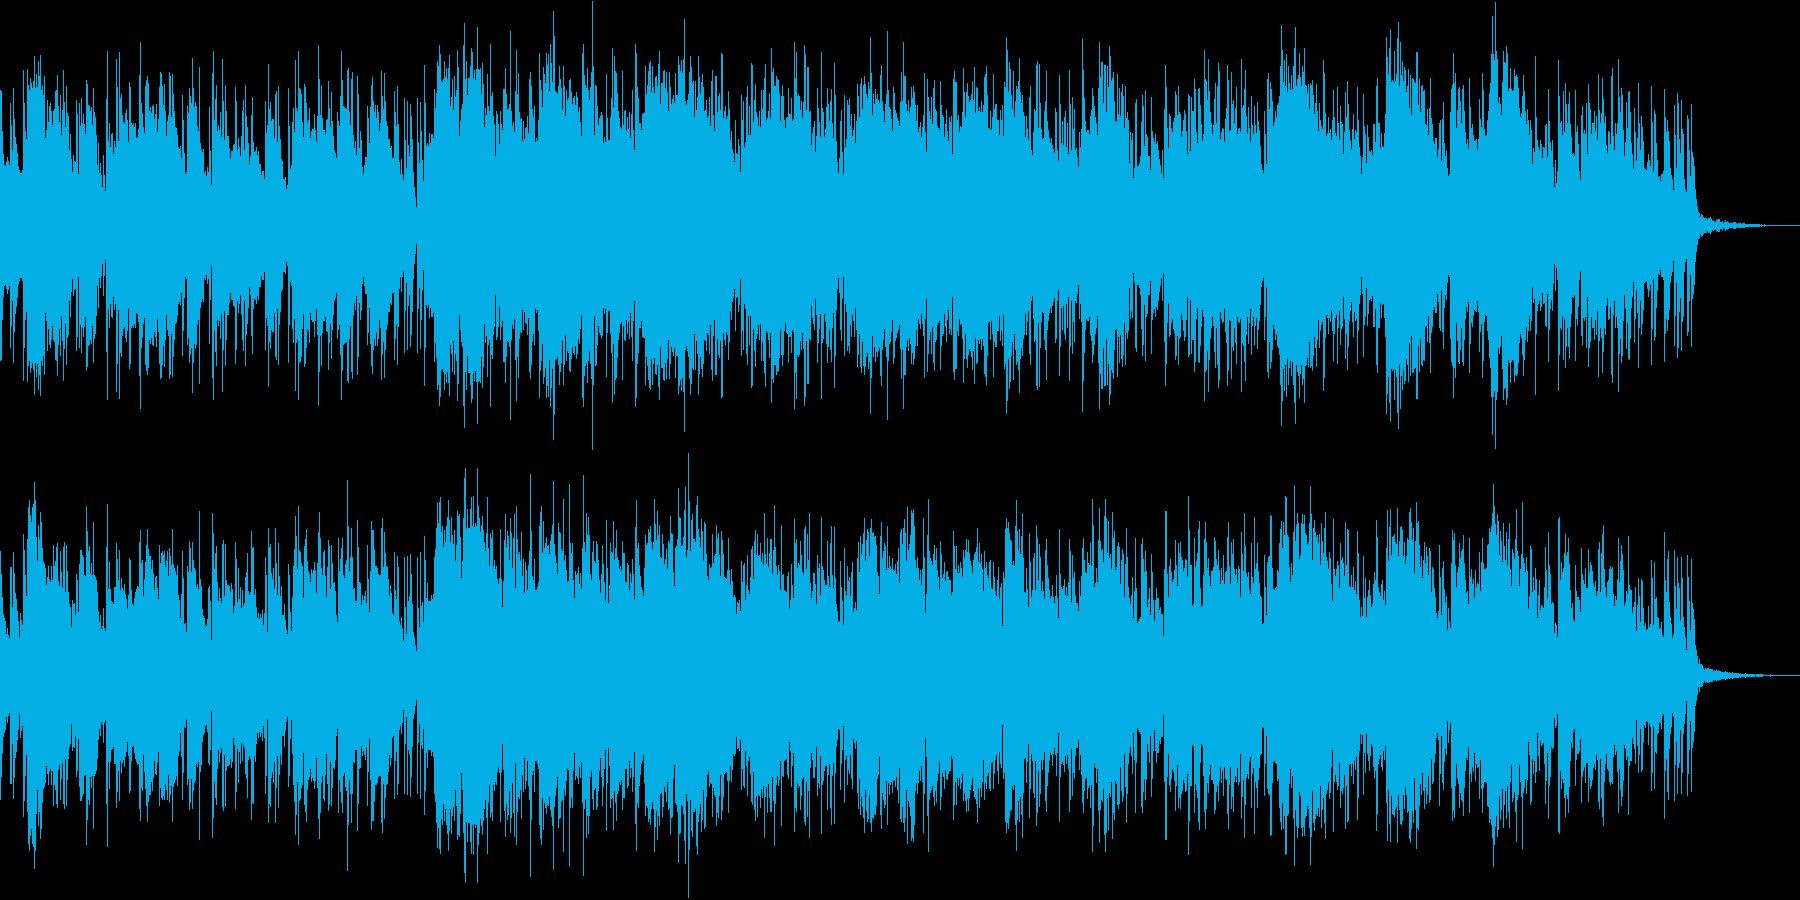 荒野をイメージしたスライドギターインストの再生済みの波形